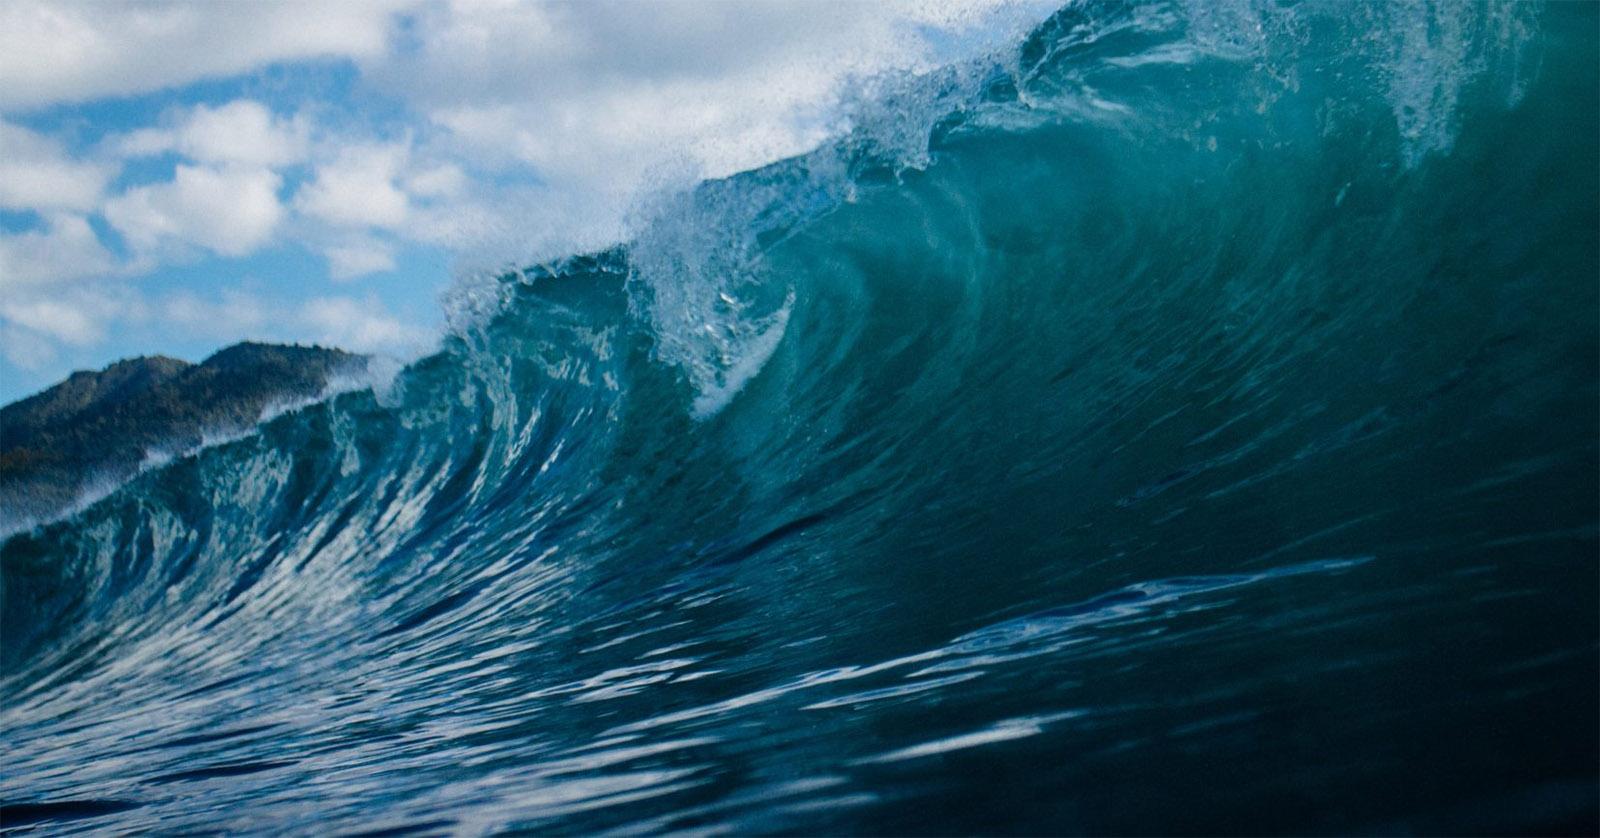 Rebentação de ondas à superfície ocorre devido a ondas internas